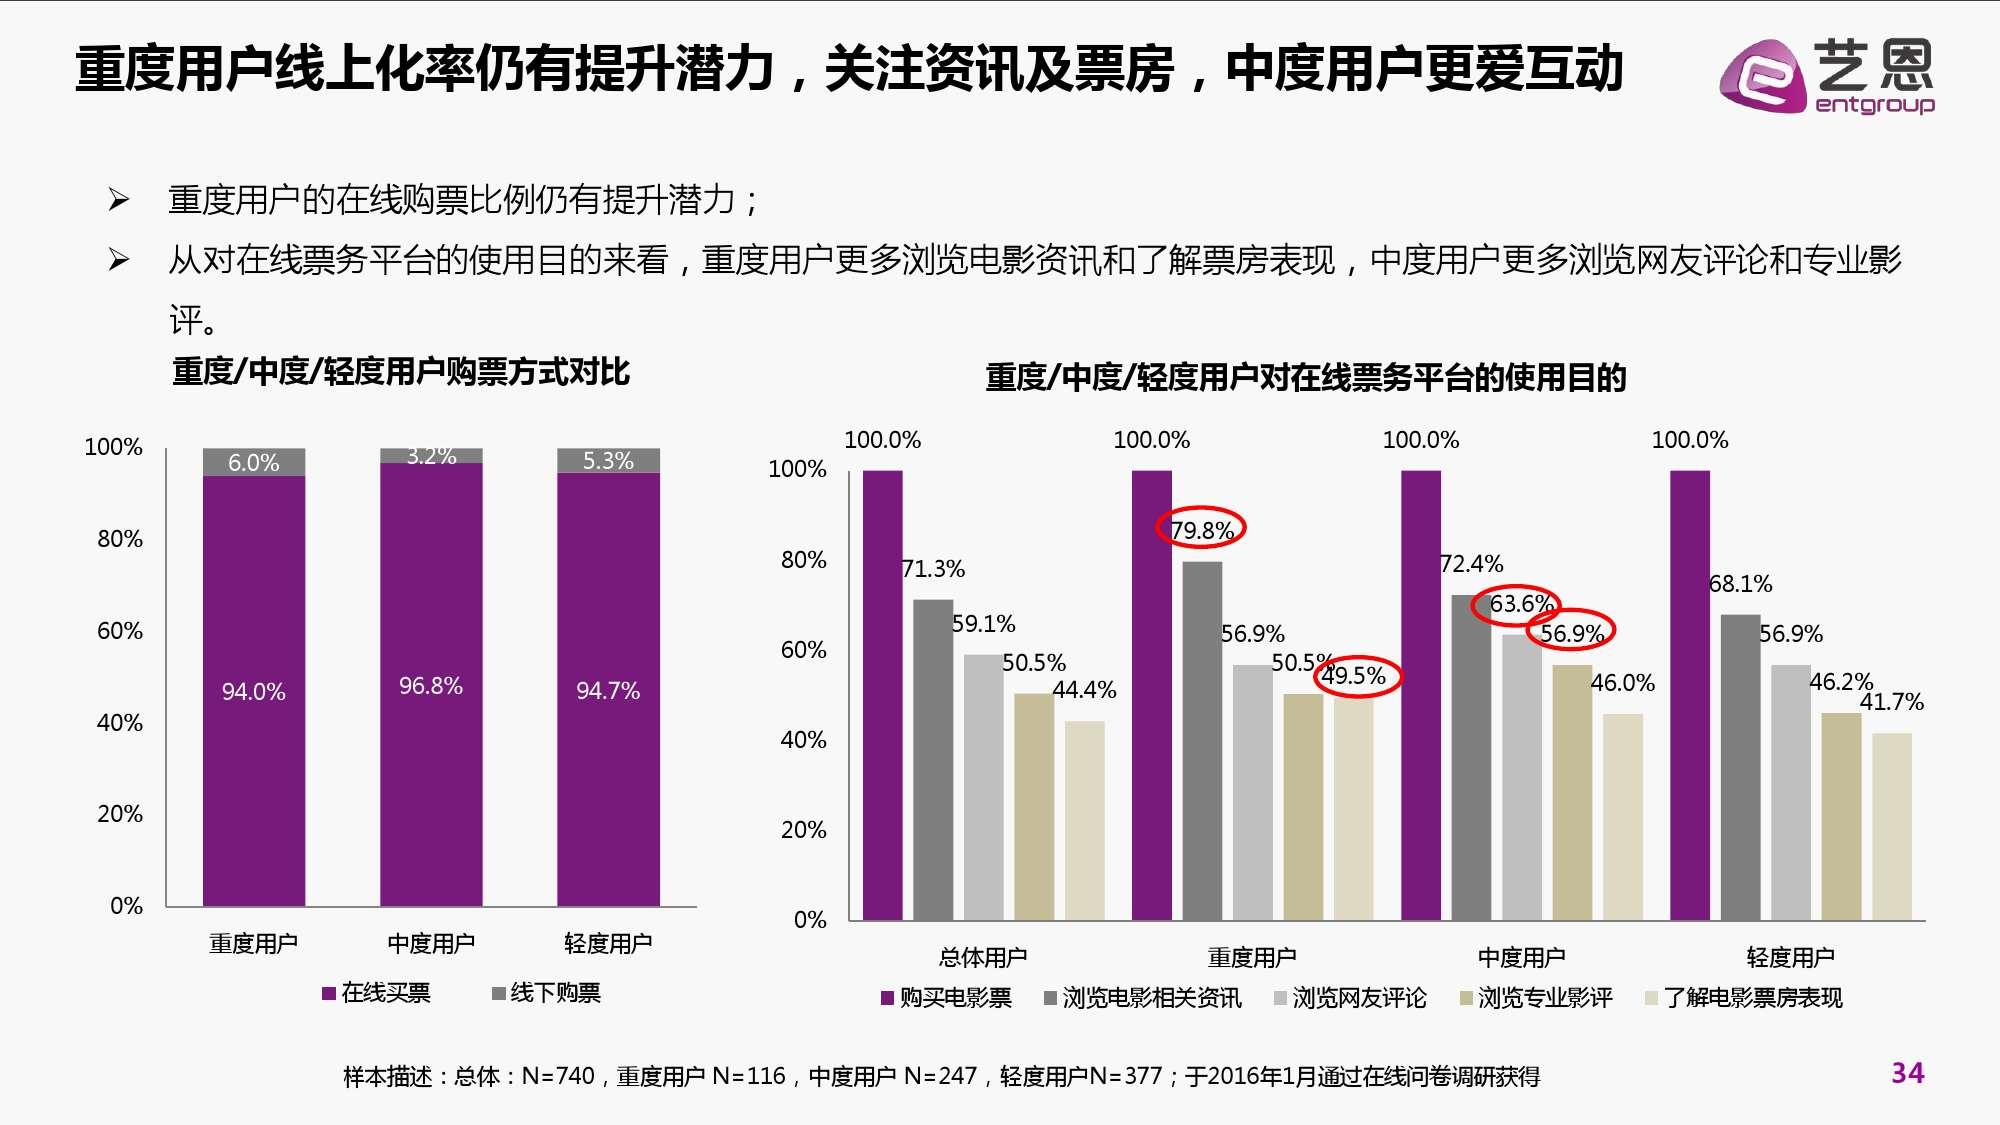 2016年中国电影在线票务市场研究报告_000034